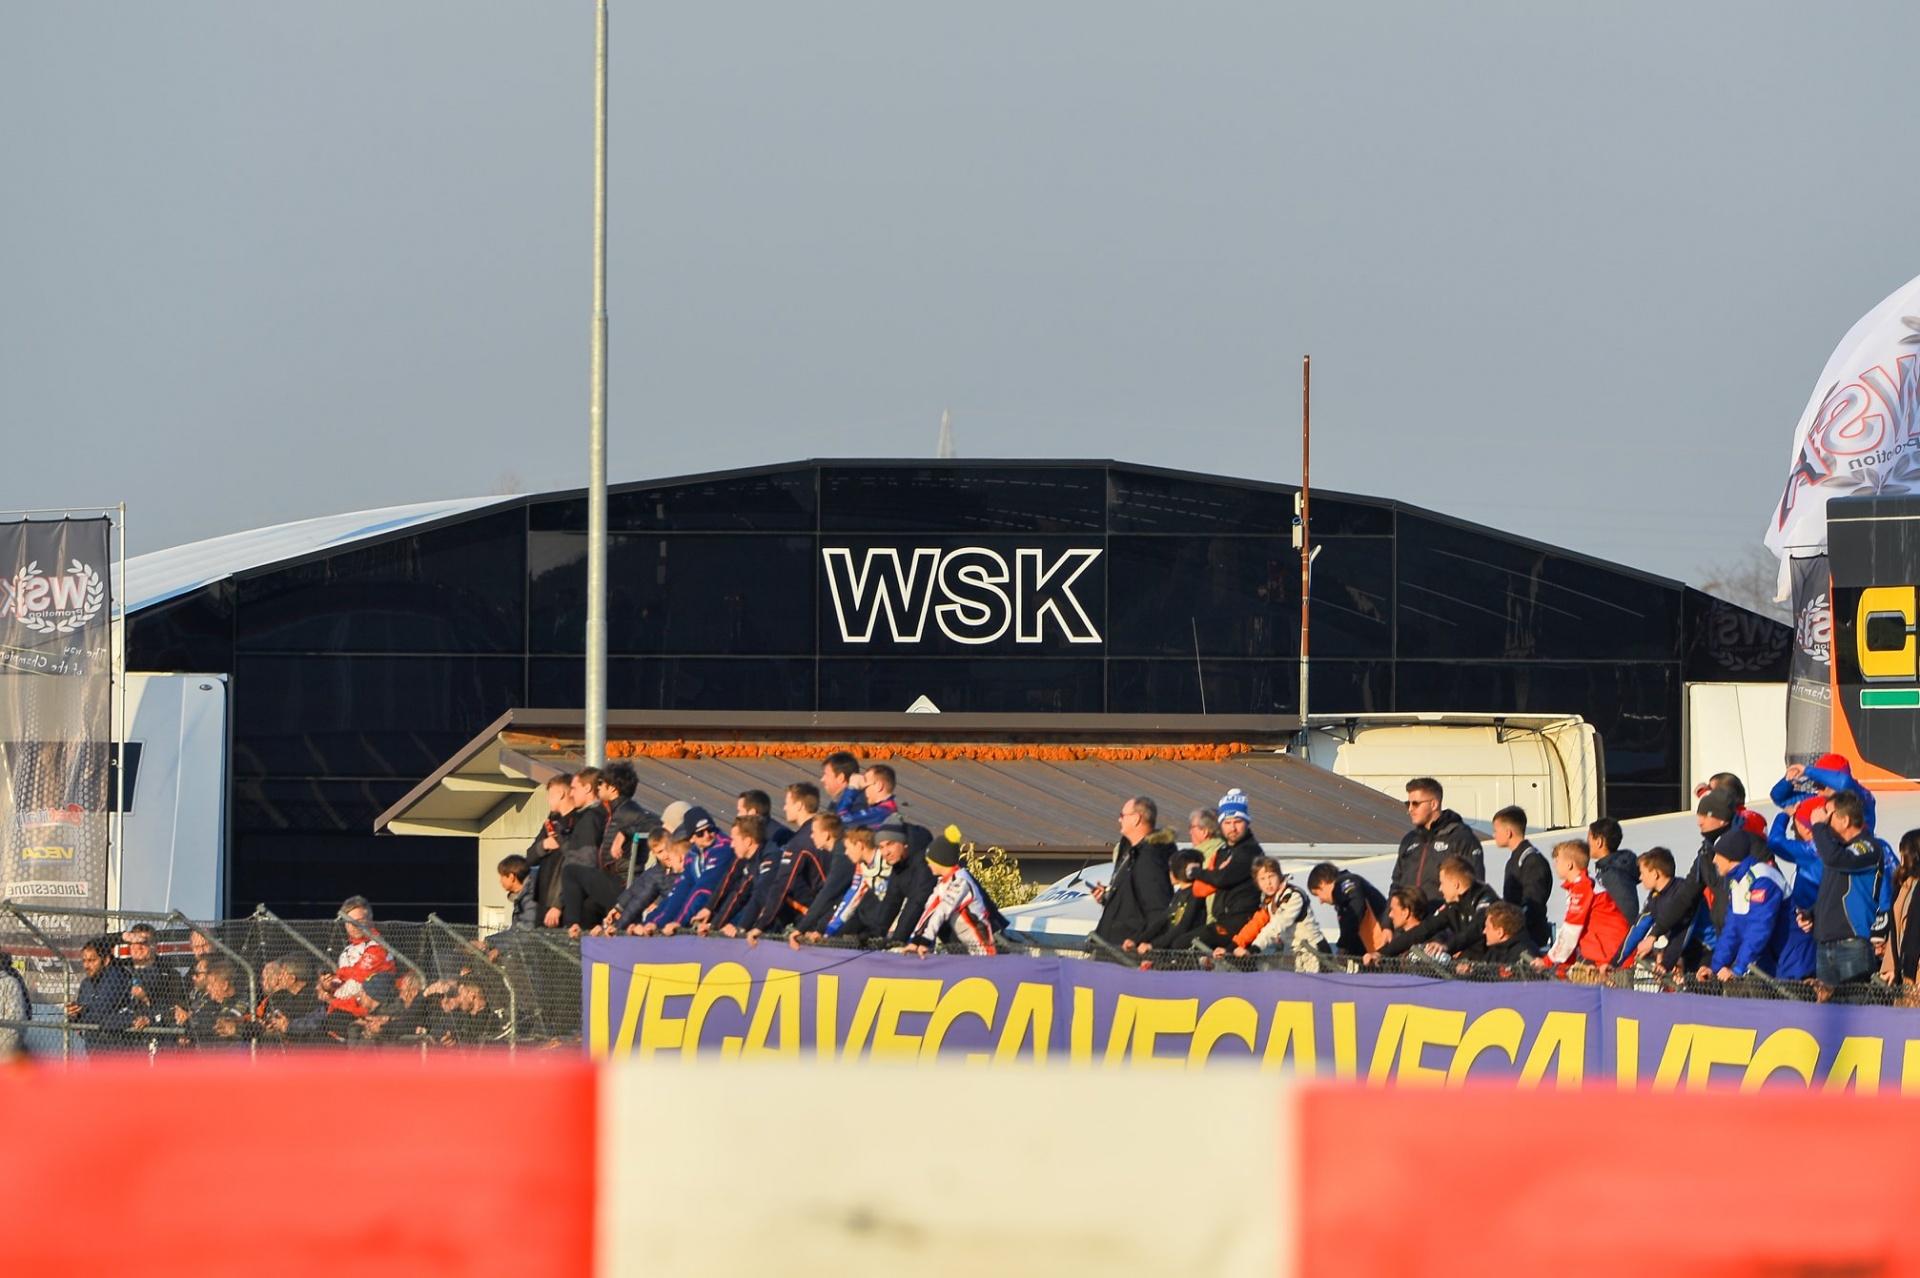 La stagione WSK riparte a luglio